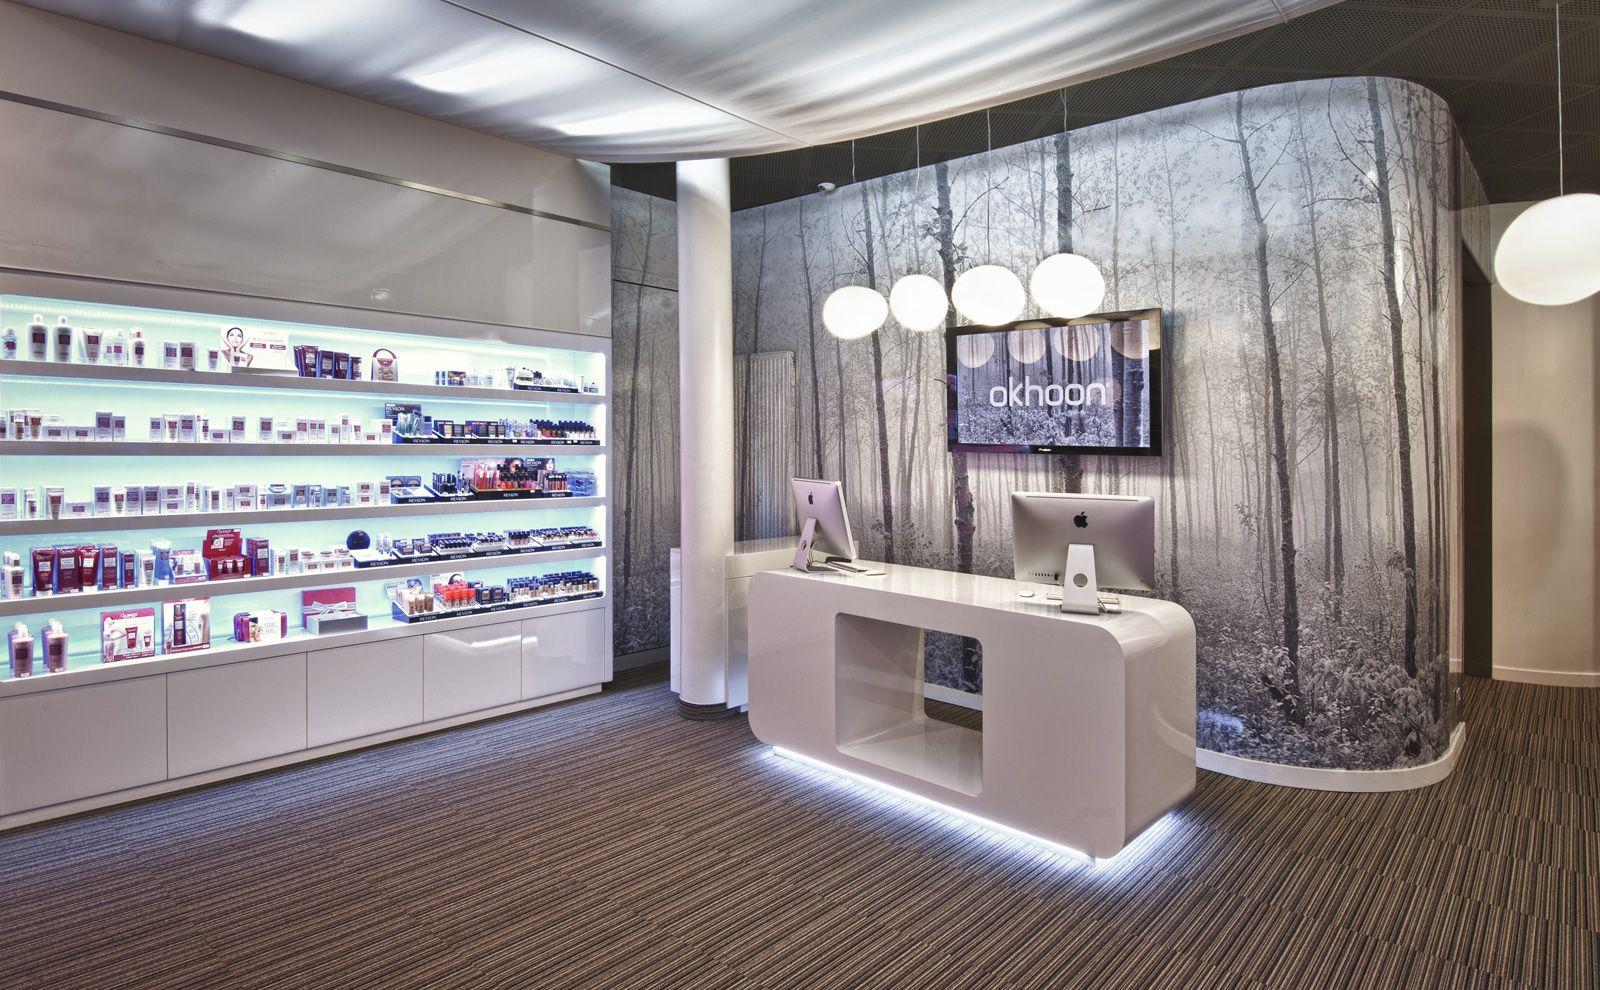 Okhoon des ronds dans l 39 eau design commercial nouveau concept store pour institut de - Deco institut de beaute ...